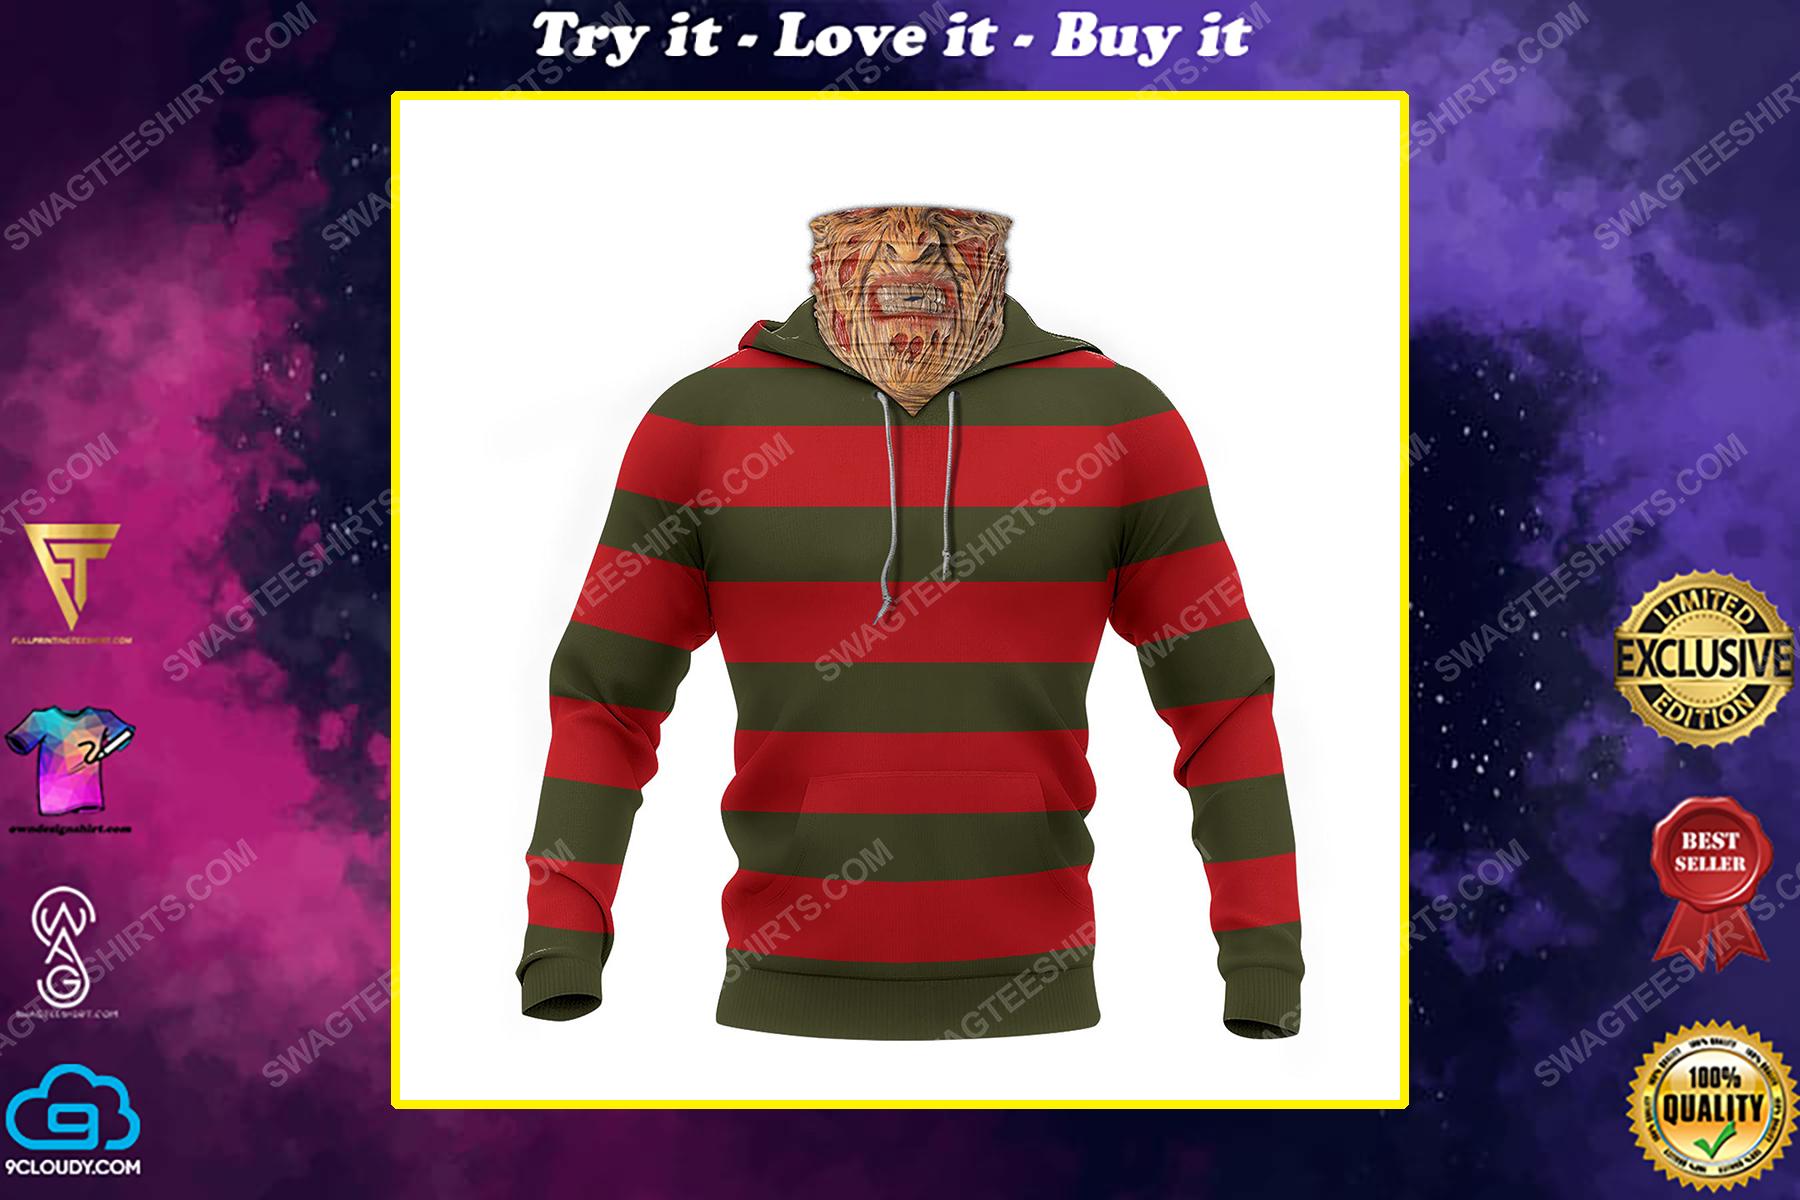 Freddy krueger a nightmare on elm street full print mask hoodie